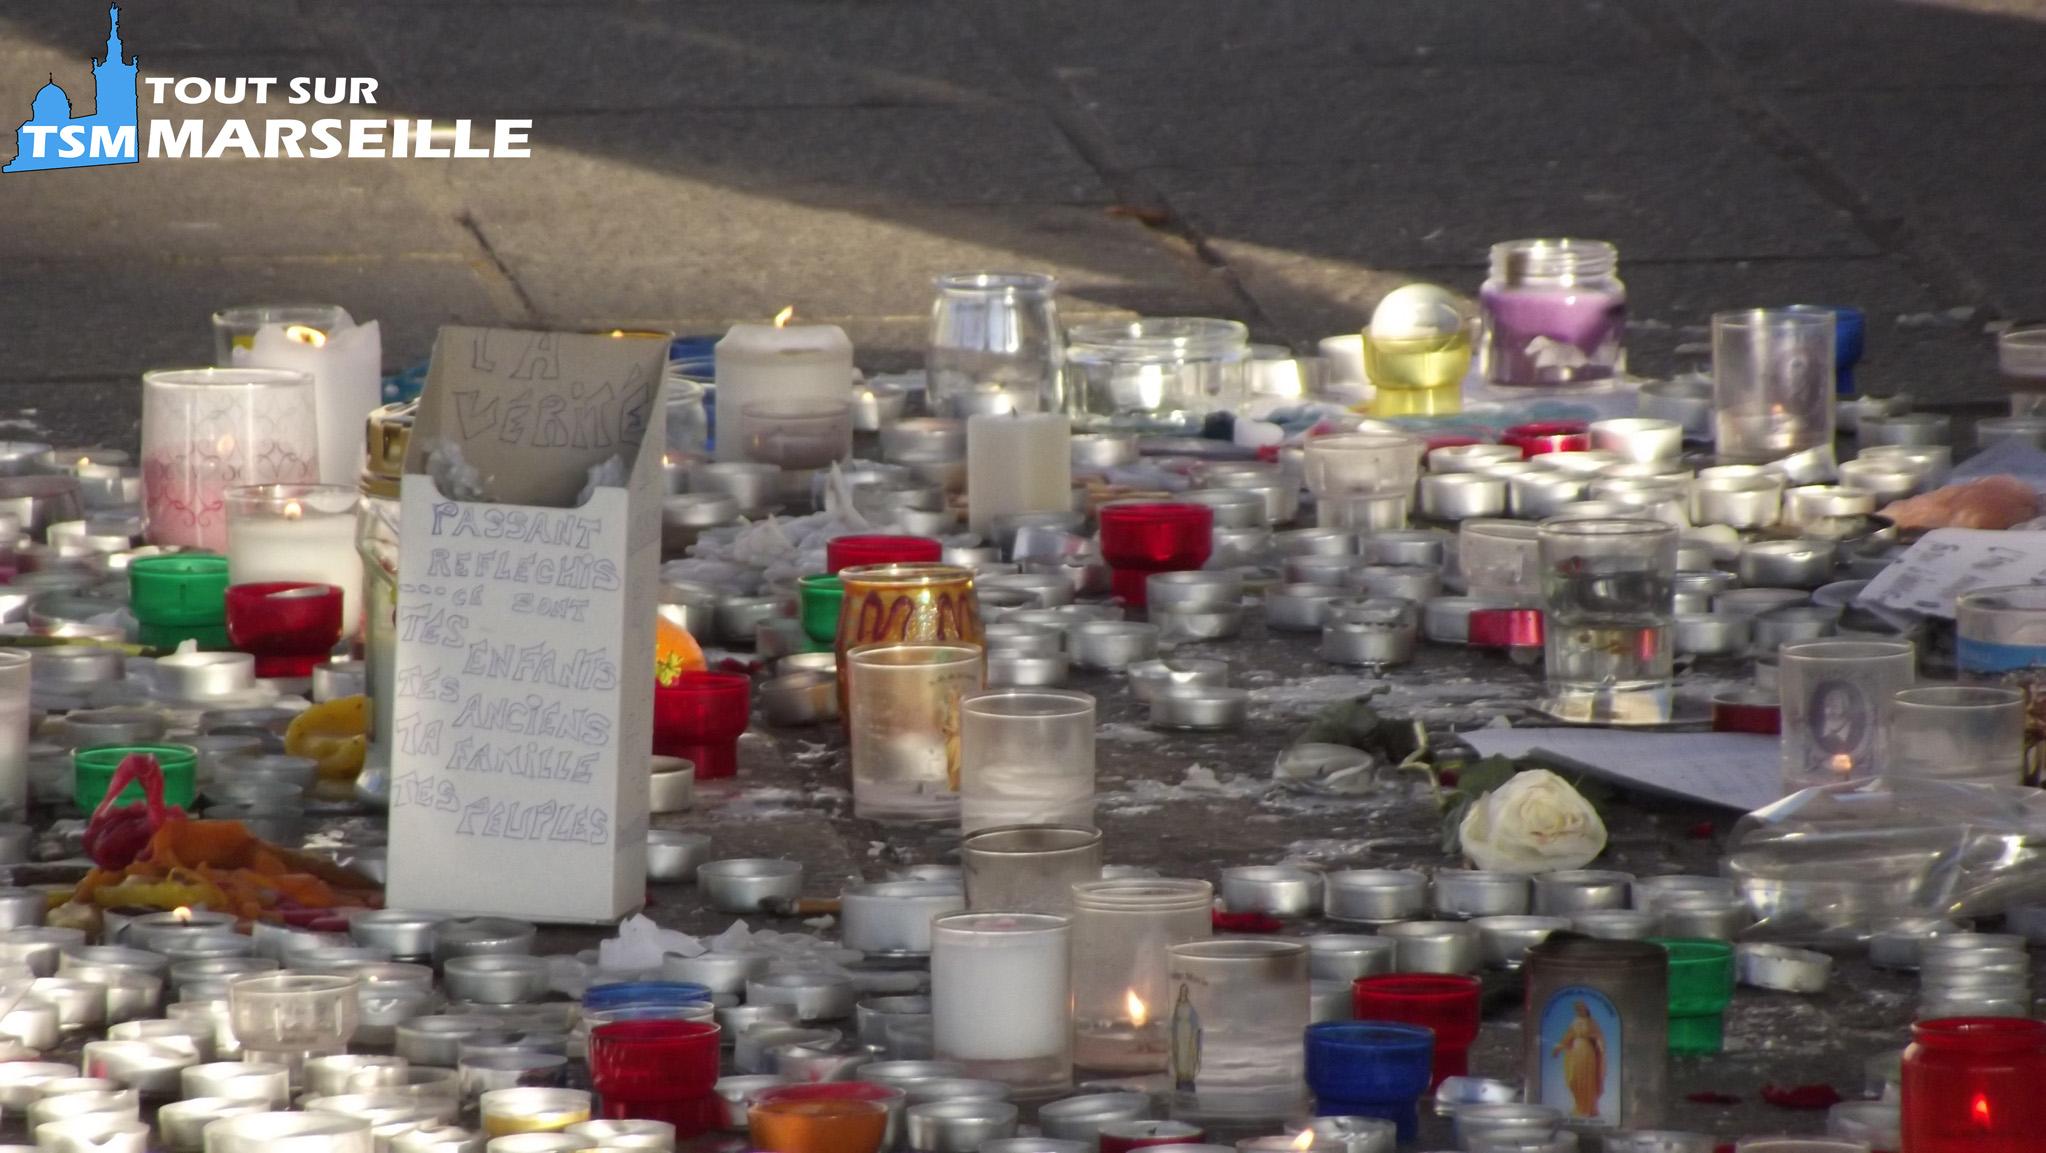 Hommage aux victimes des attentats de paris tout sur marseille tsm - College vieux port marseille ...